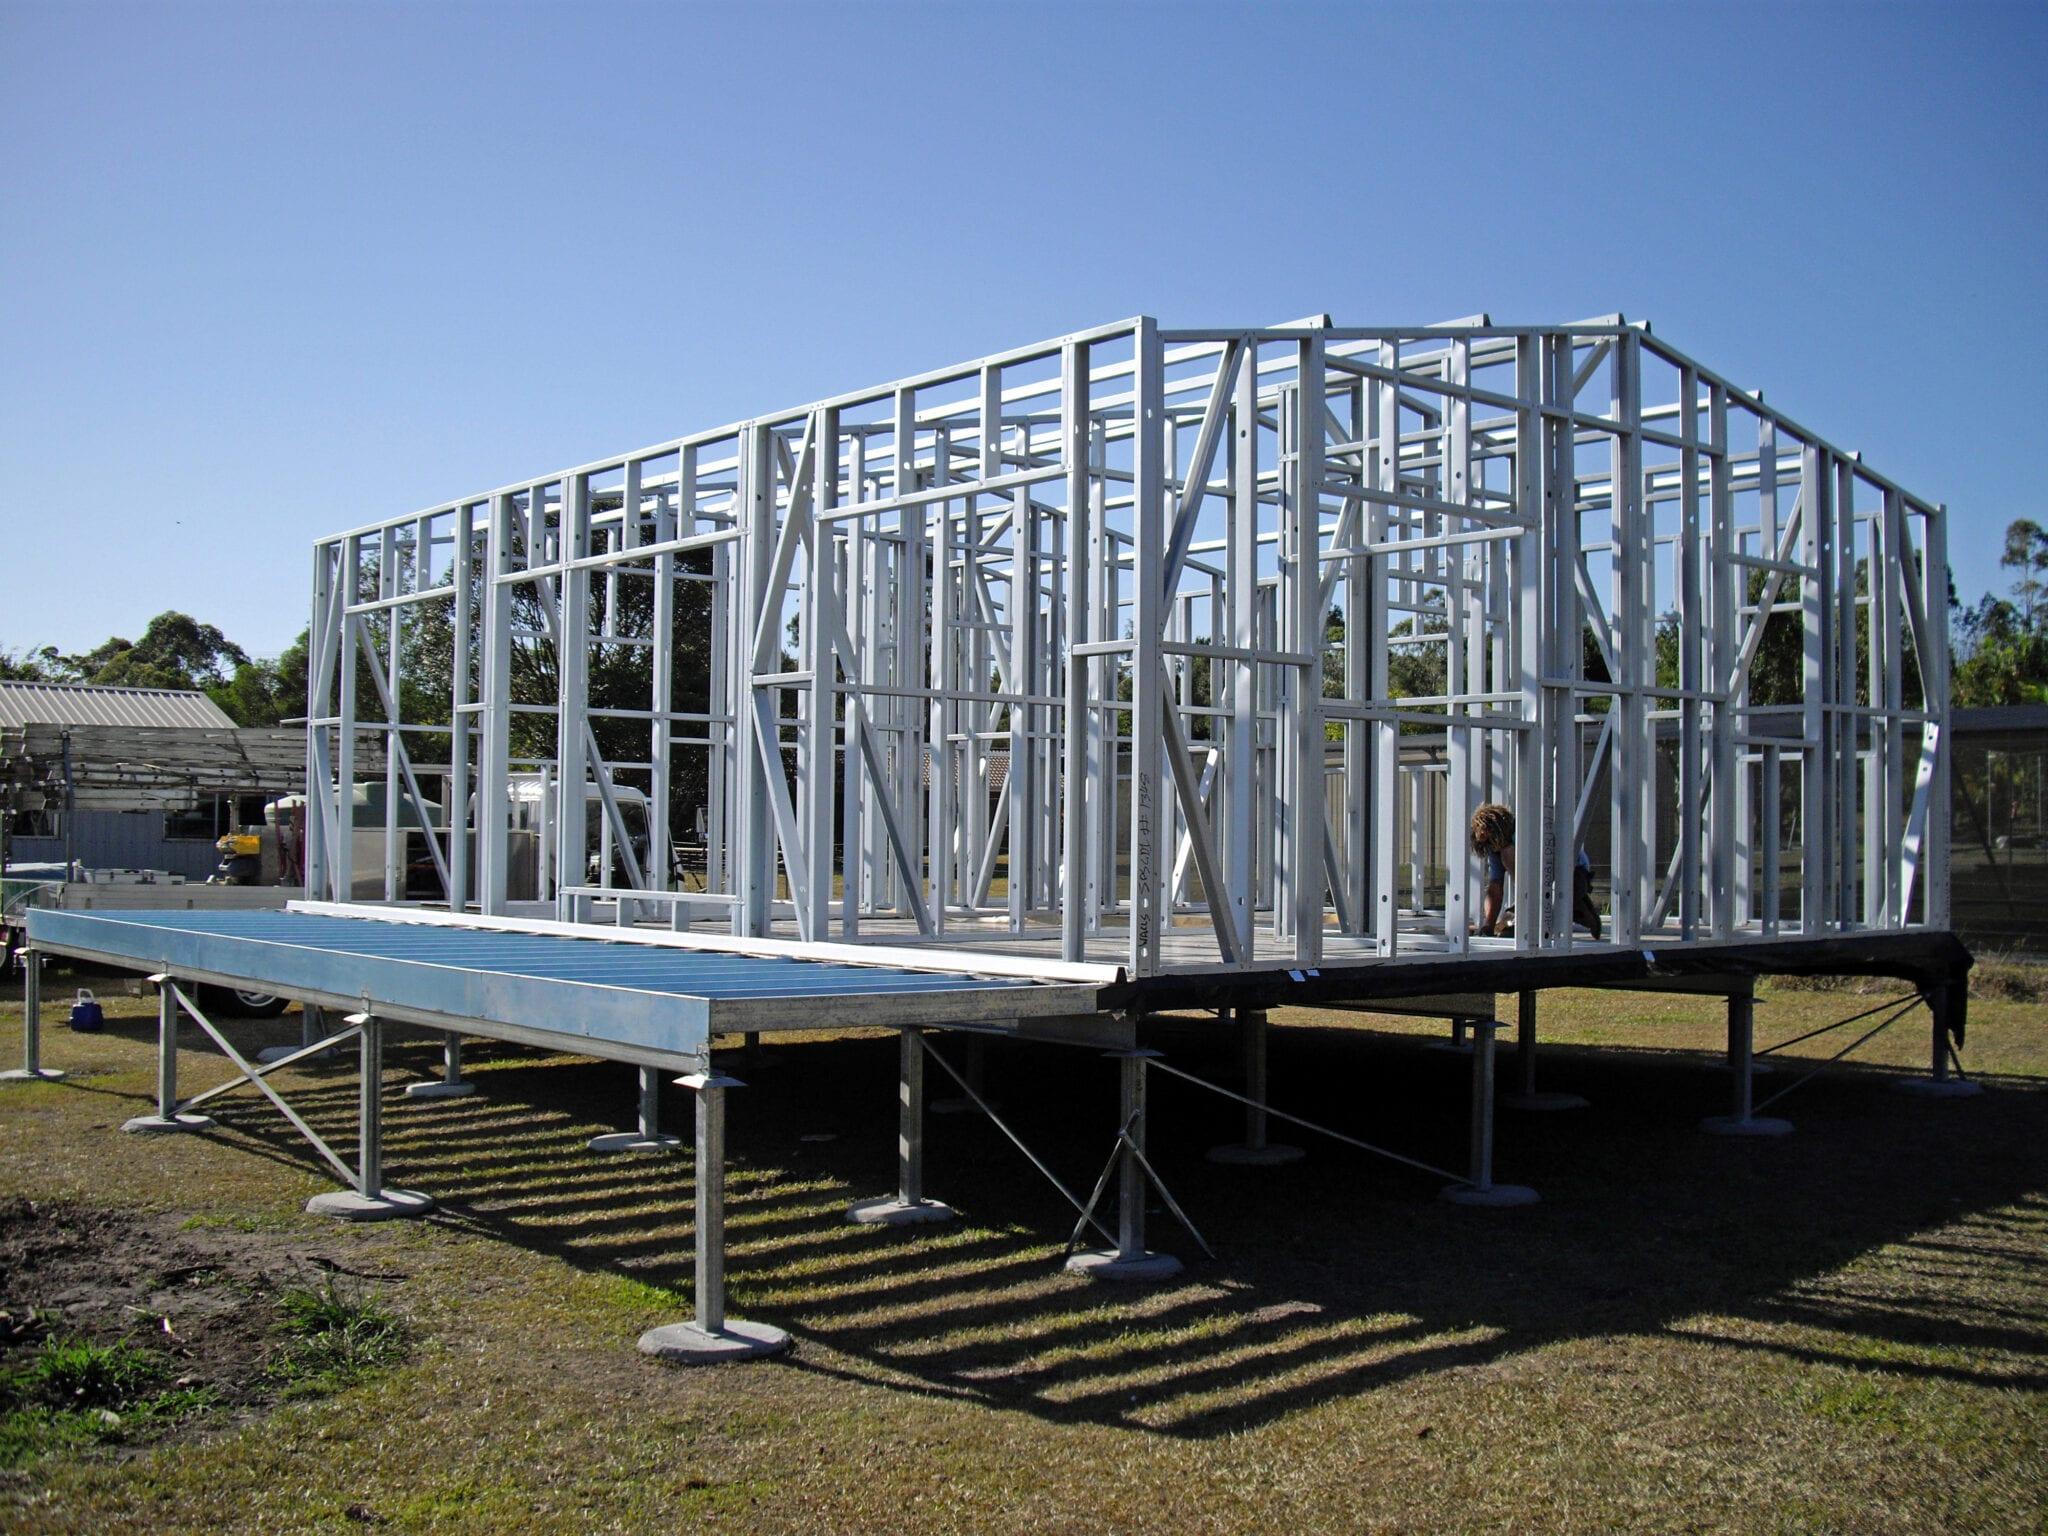 Gable frame elevatedslab